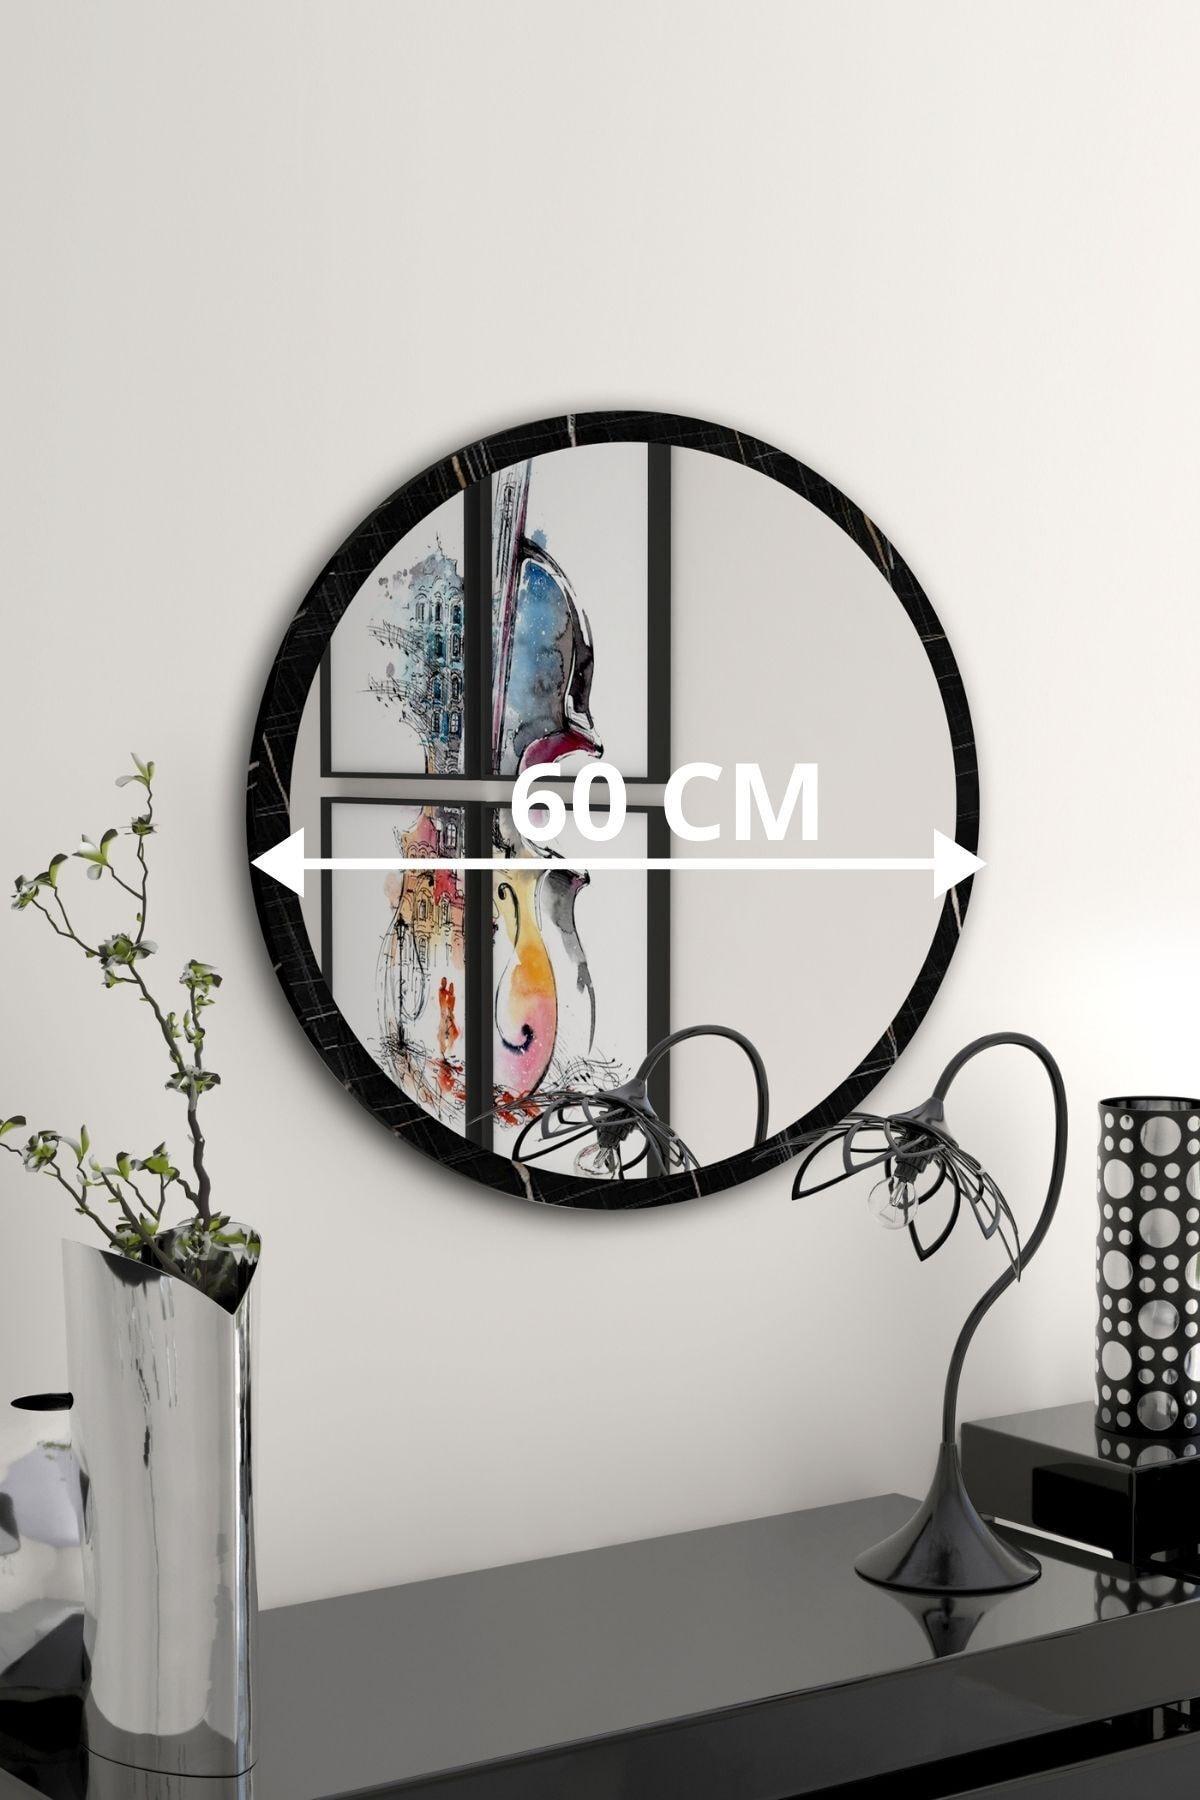 bluecape Yuvarlak Siyah Mermer Desenli Duvar Salon Ofis Aynası 60 cm 2